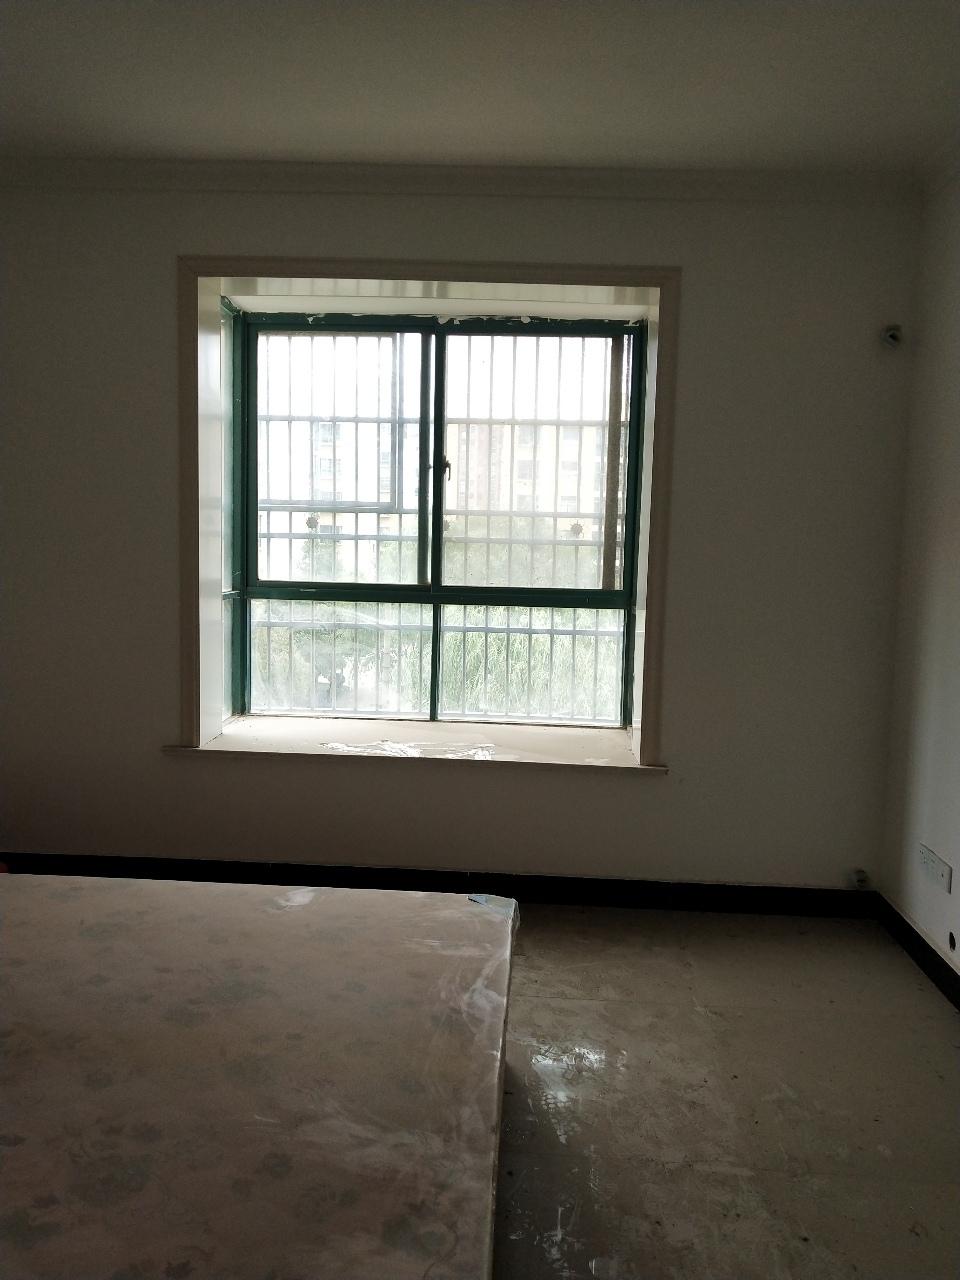 华夏花城3室 2厅 1卫38万元